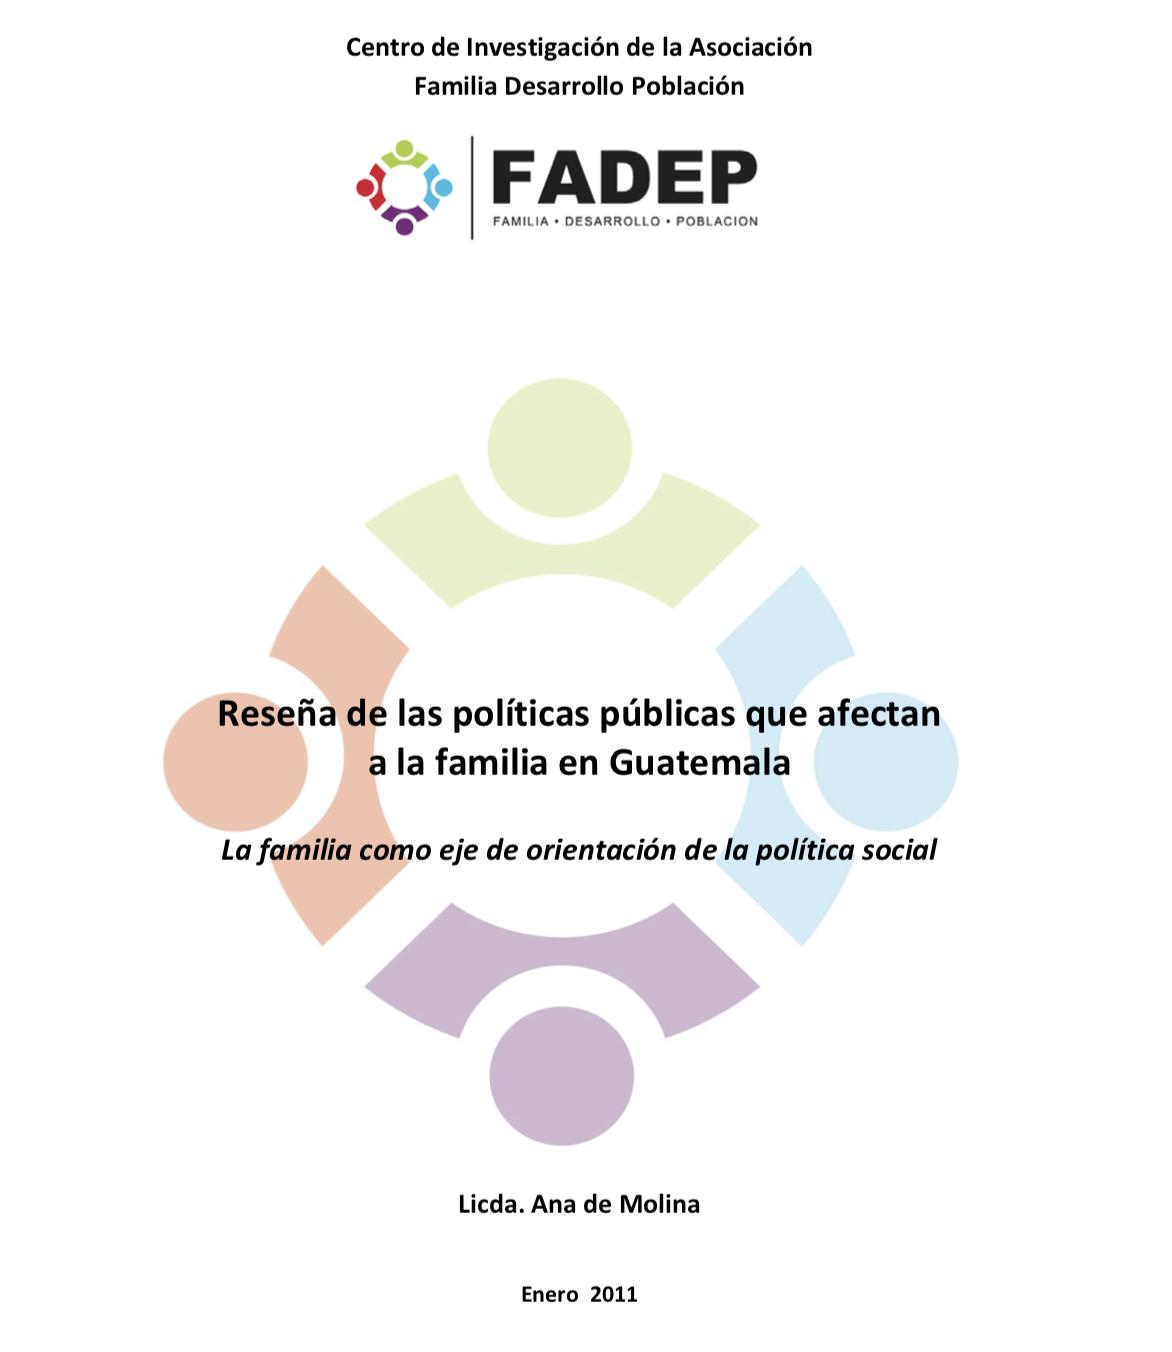 Políticas públicas que afectan a la familia en Guatemala